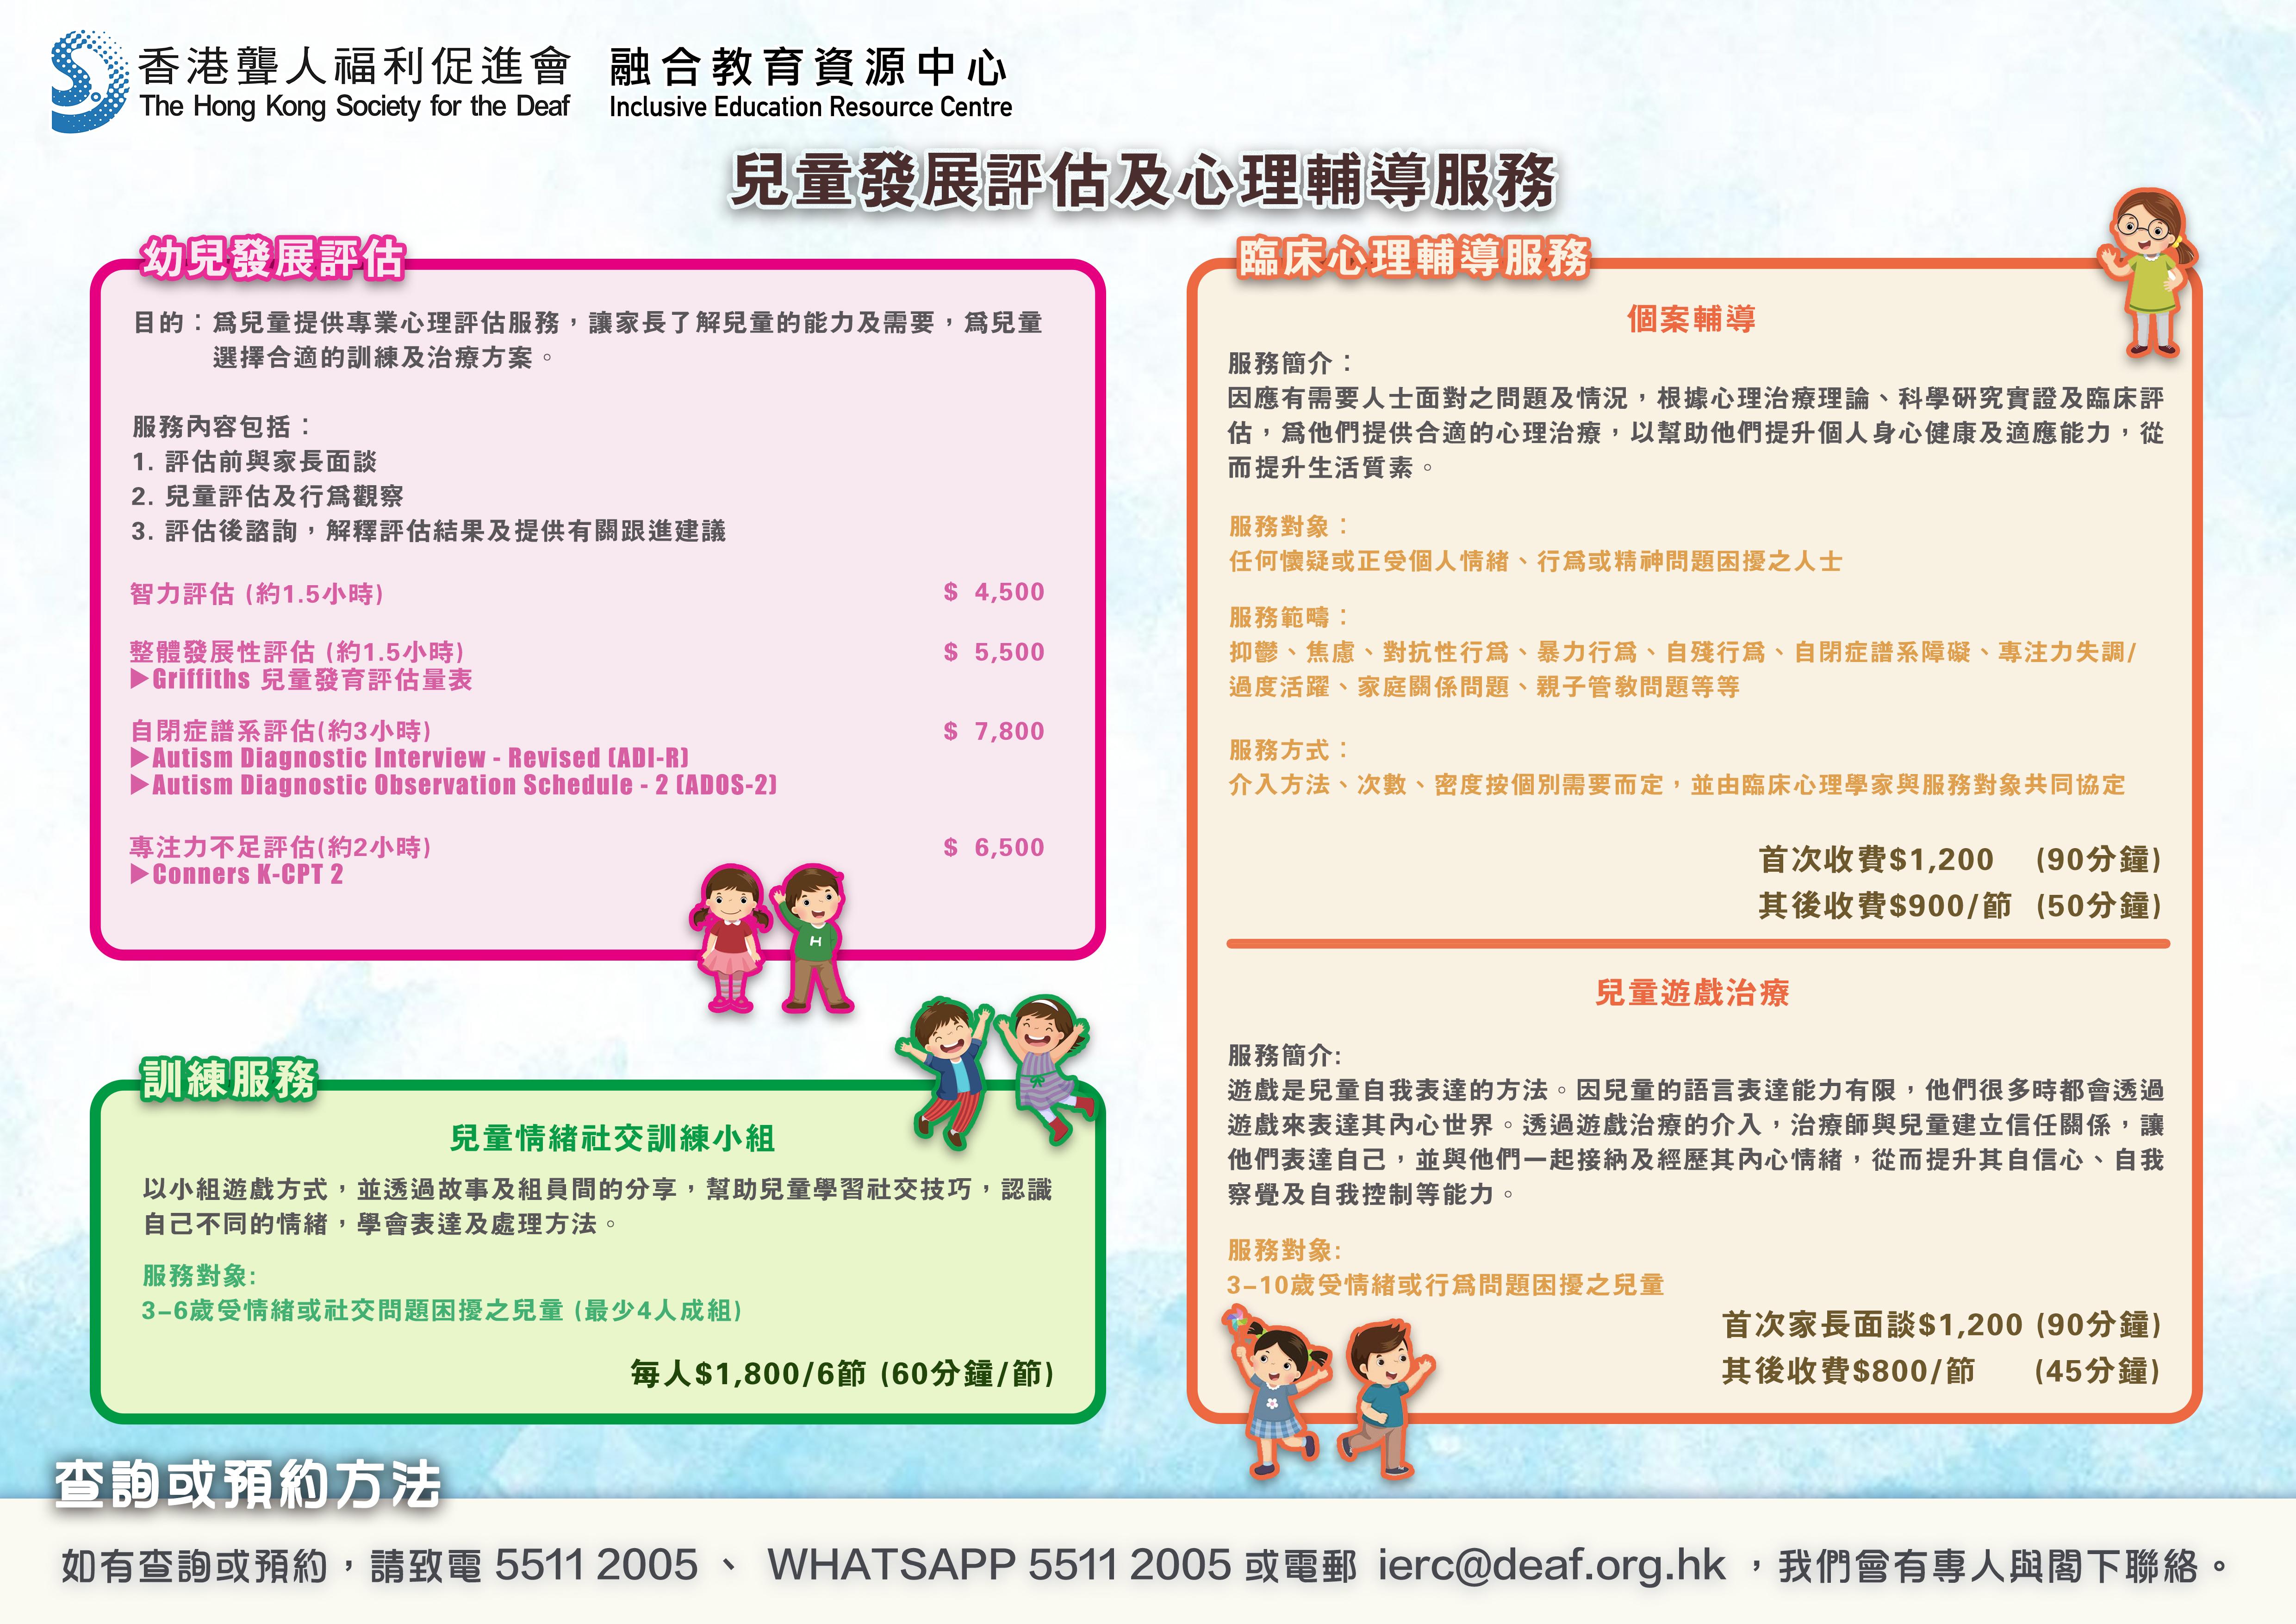 兒童發展評估及心理輔導服務詳情